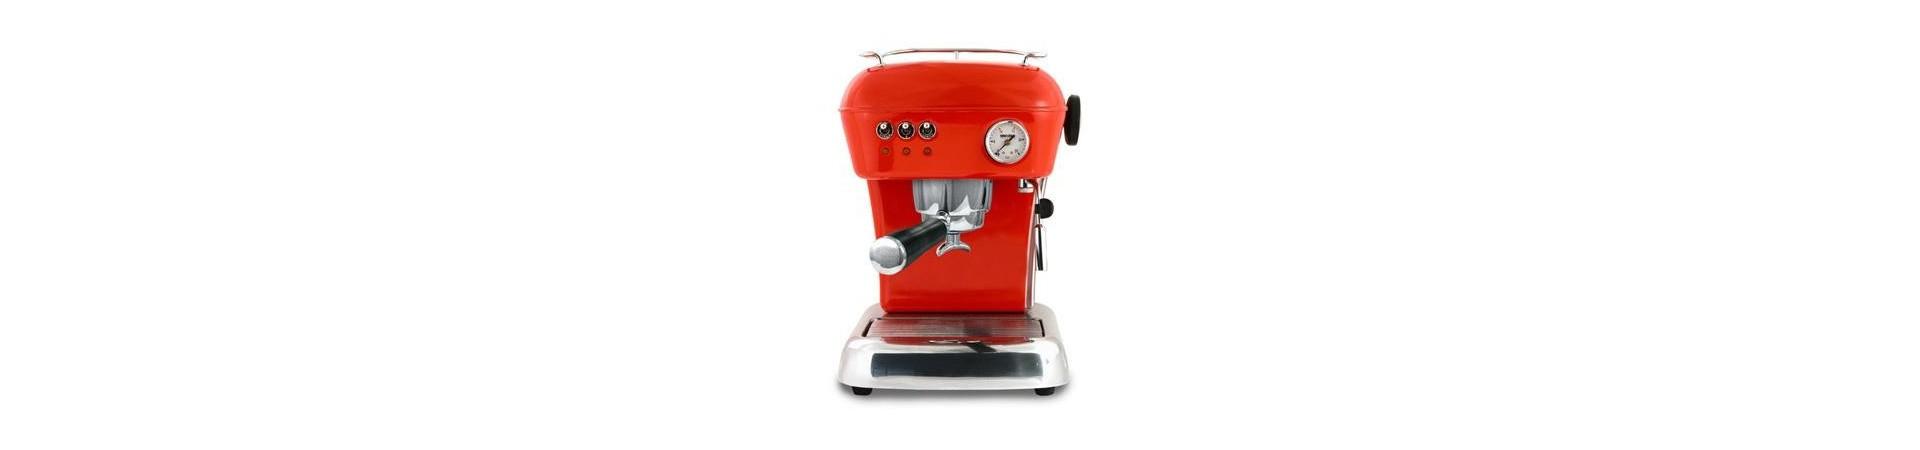 Cafeteras domésticas con garantía y envío rápido.